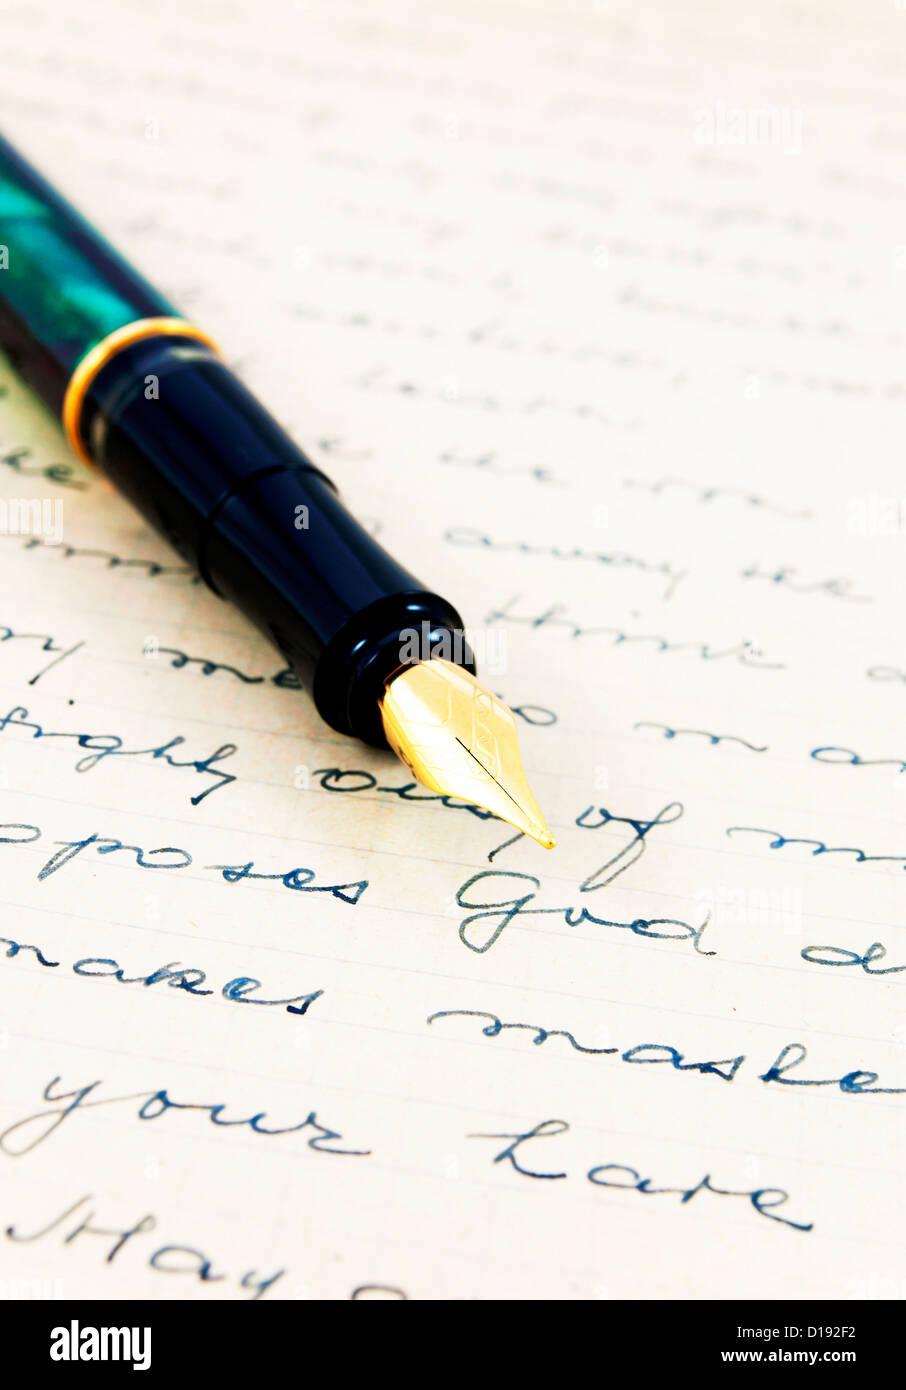 Lettre ancienne avec stylo plume Photo Stock